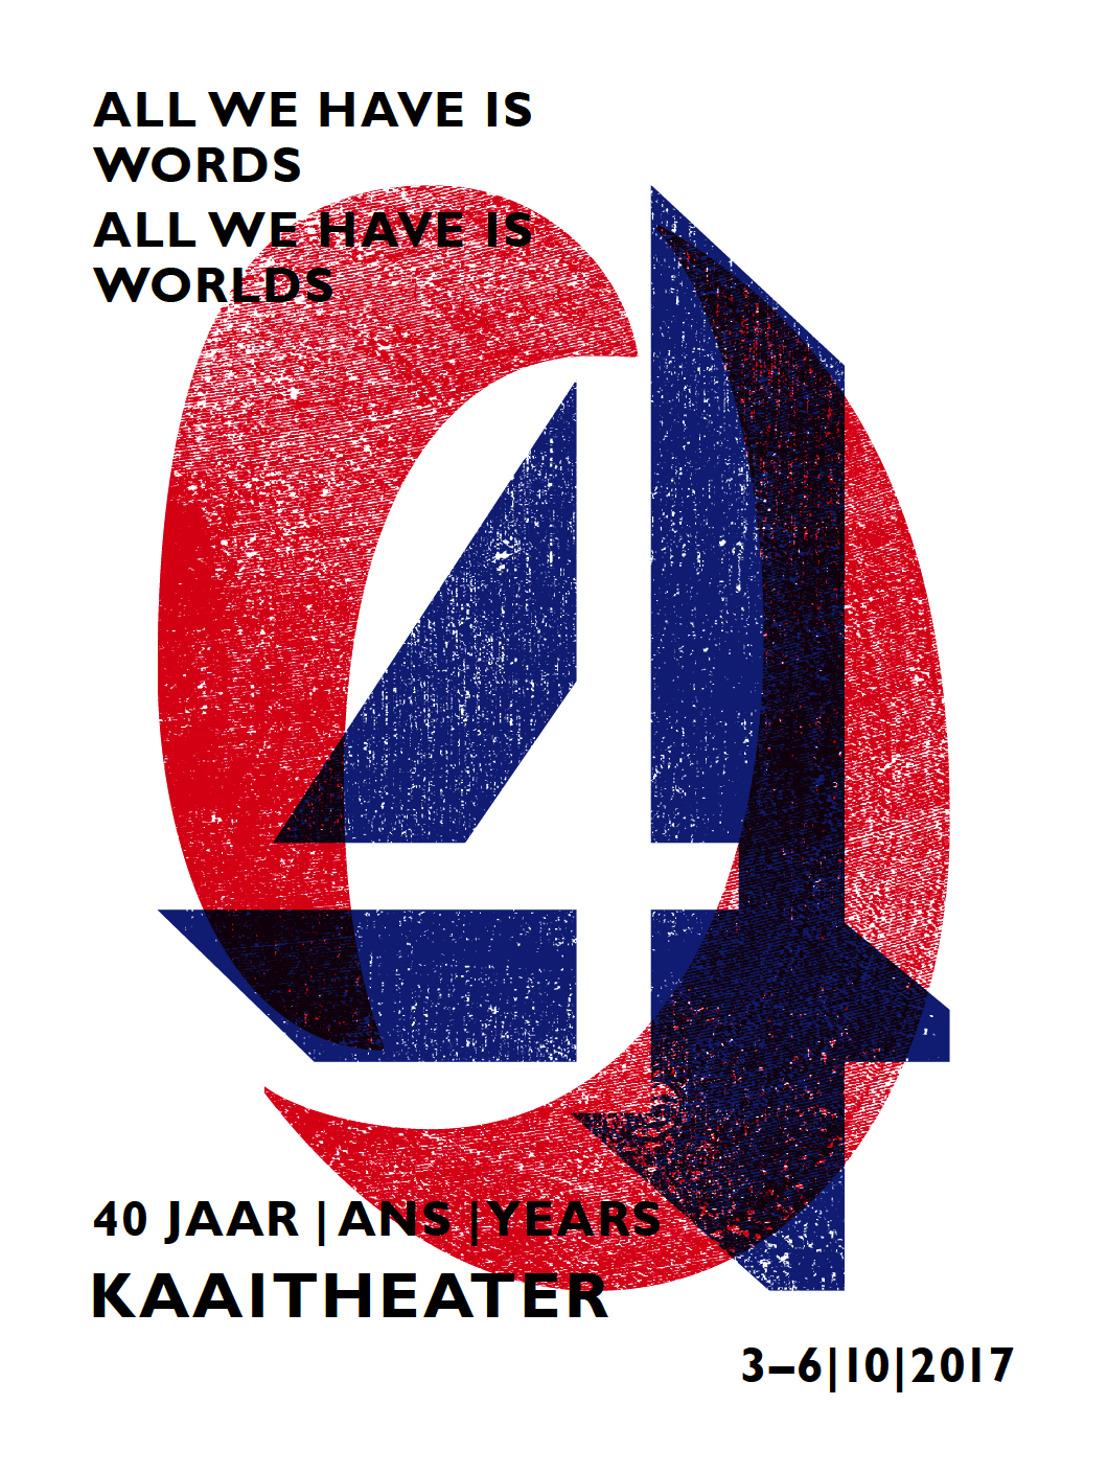 40 years Kaaitheater - birthday programme 3>6/10/2017